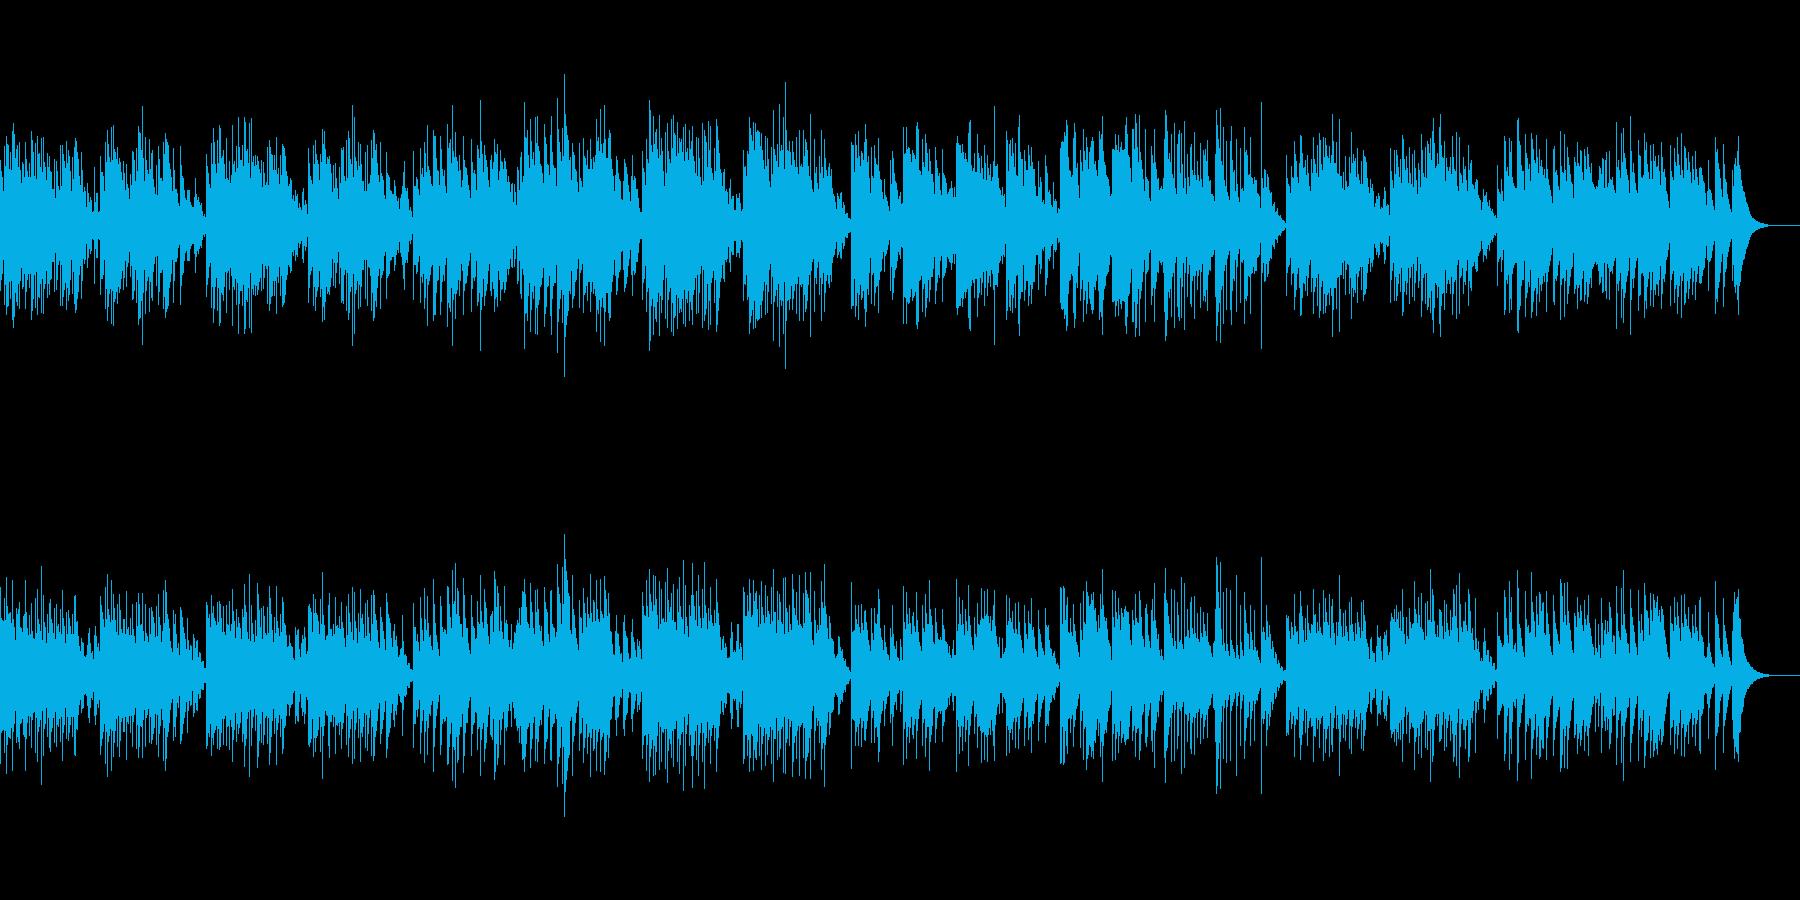 「ユーモレスク」オルゴール版の再生済みの波形